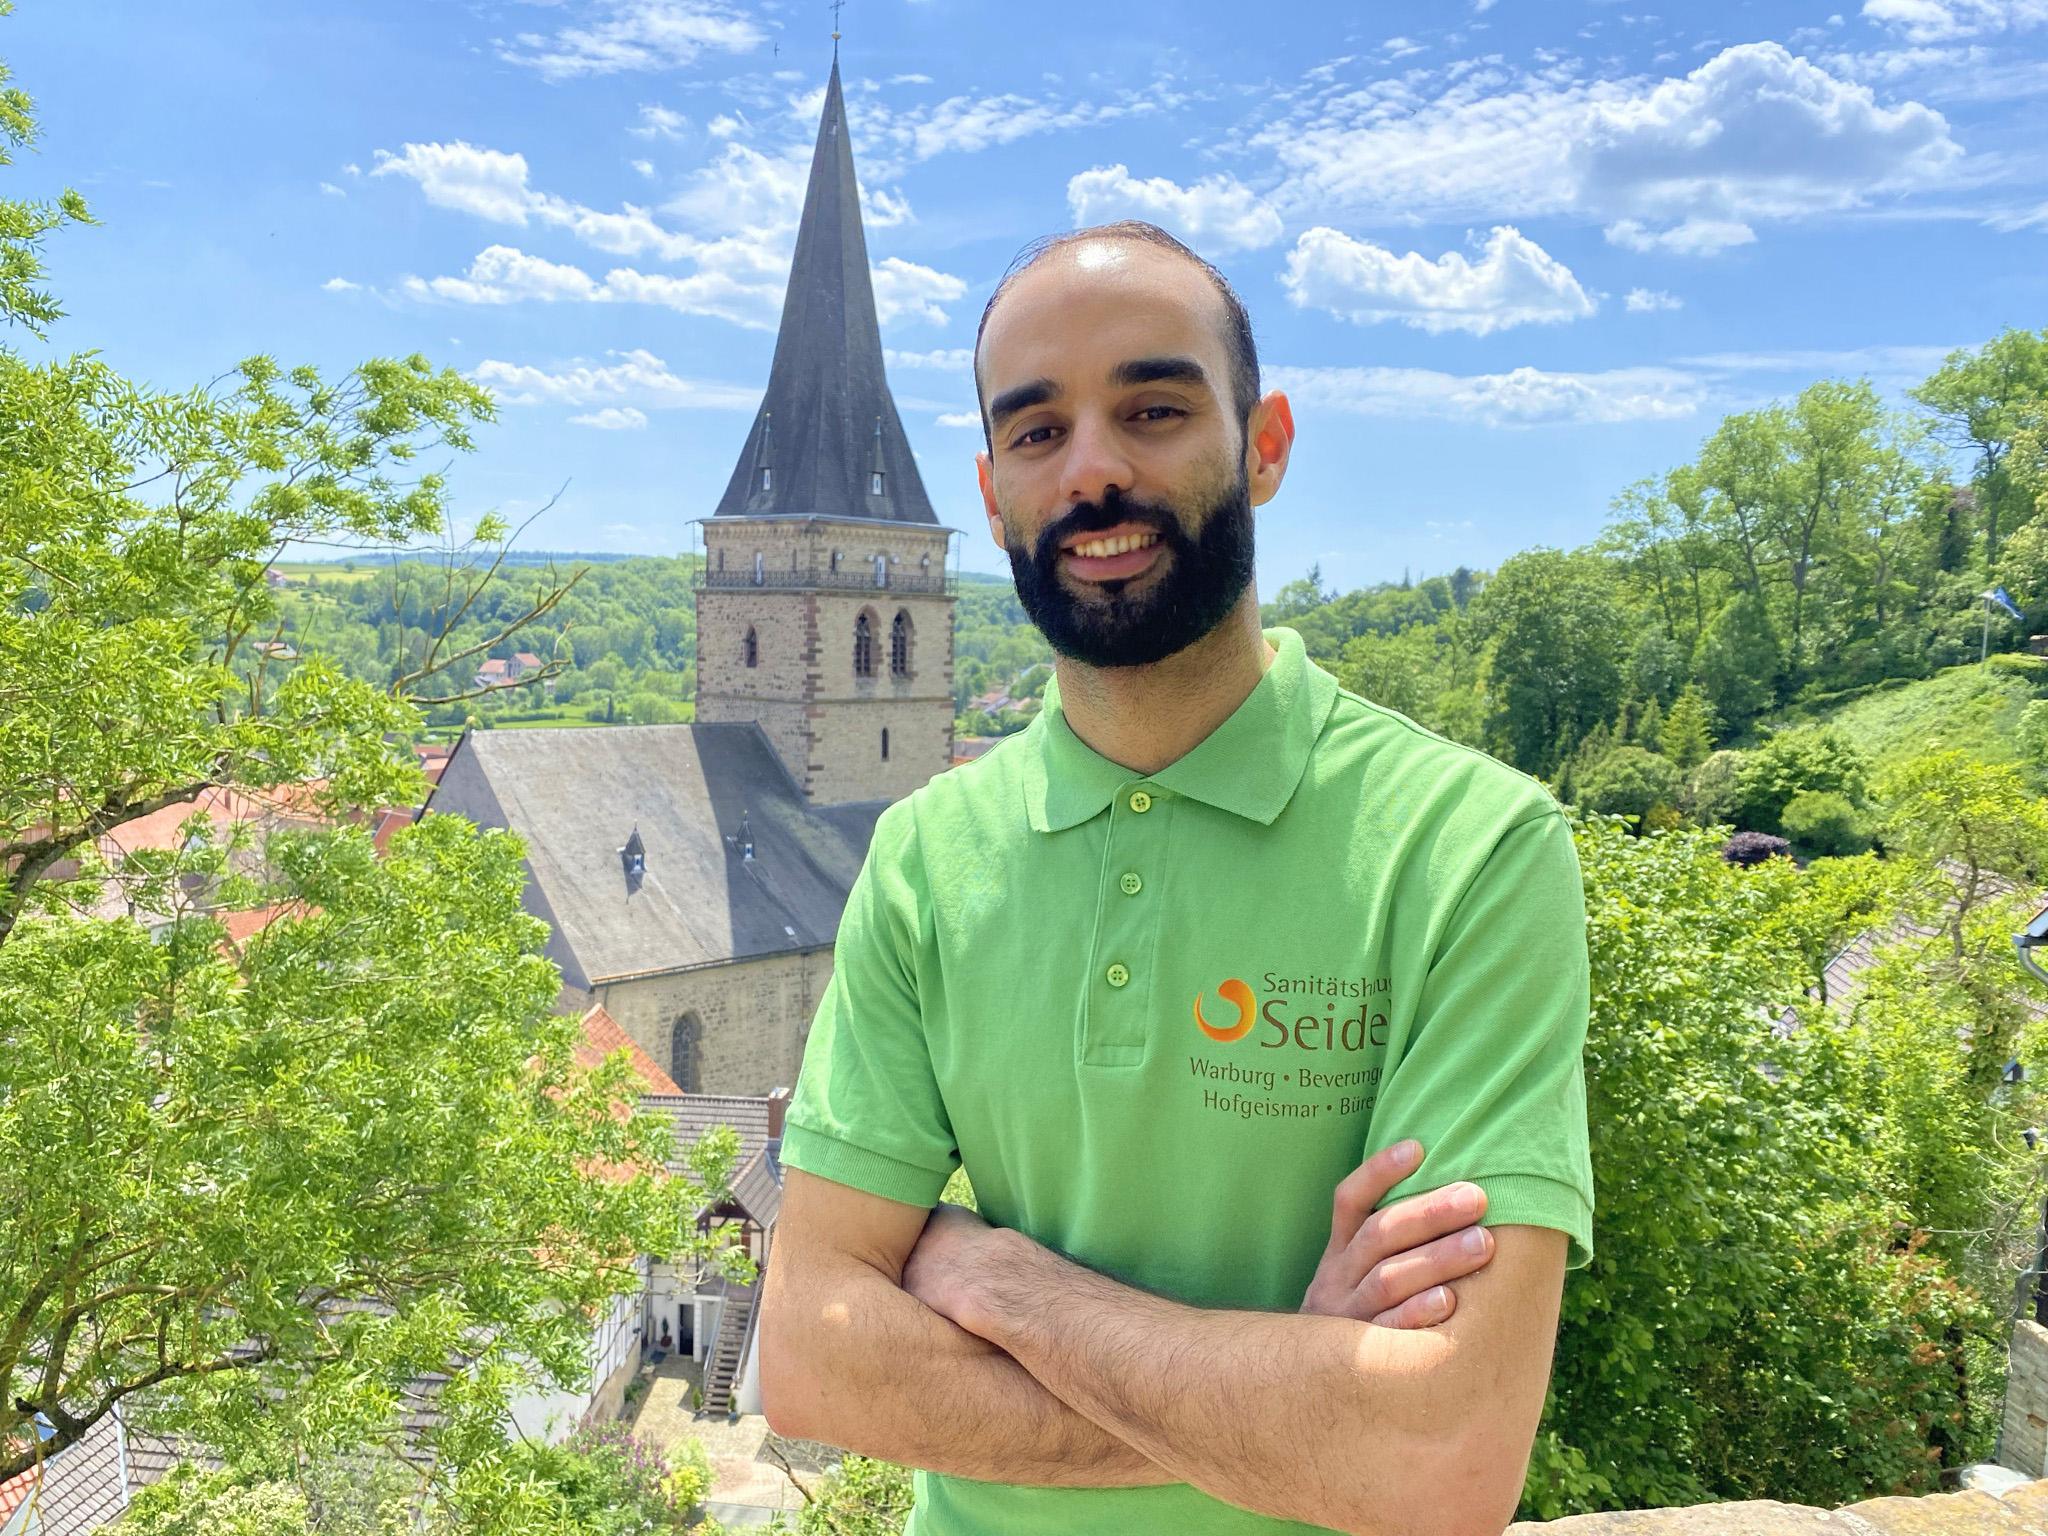 Mohcine Haj Chergui (34) macht derzeit eine Ausbildung zum Verkäufer im Warburger Sanitätshaus Seidel. Der fußballbegeisterte Marokkaner ist nicht nur im Team bestens integriert, sondern auch bei Kunden ob seiner freundlichen und humorvollen Art sehr beliebt. | (c) Sanitätshaus Seidel